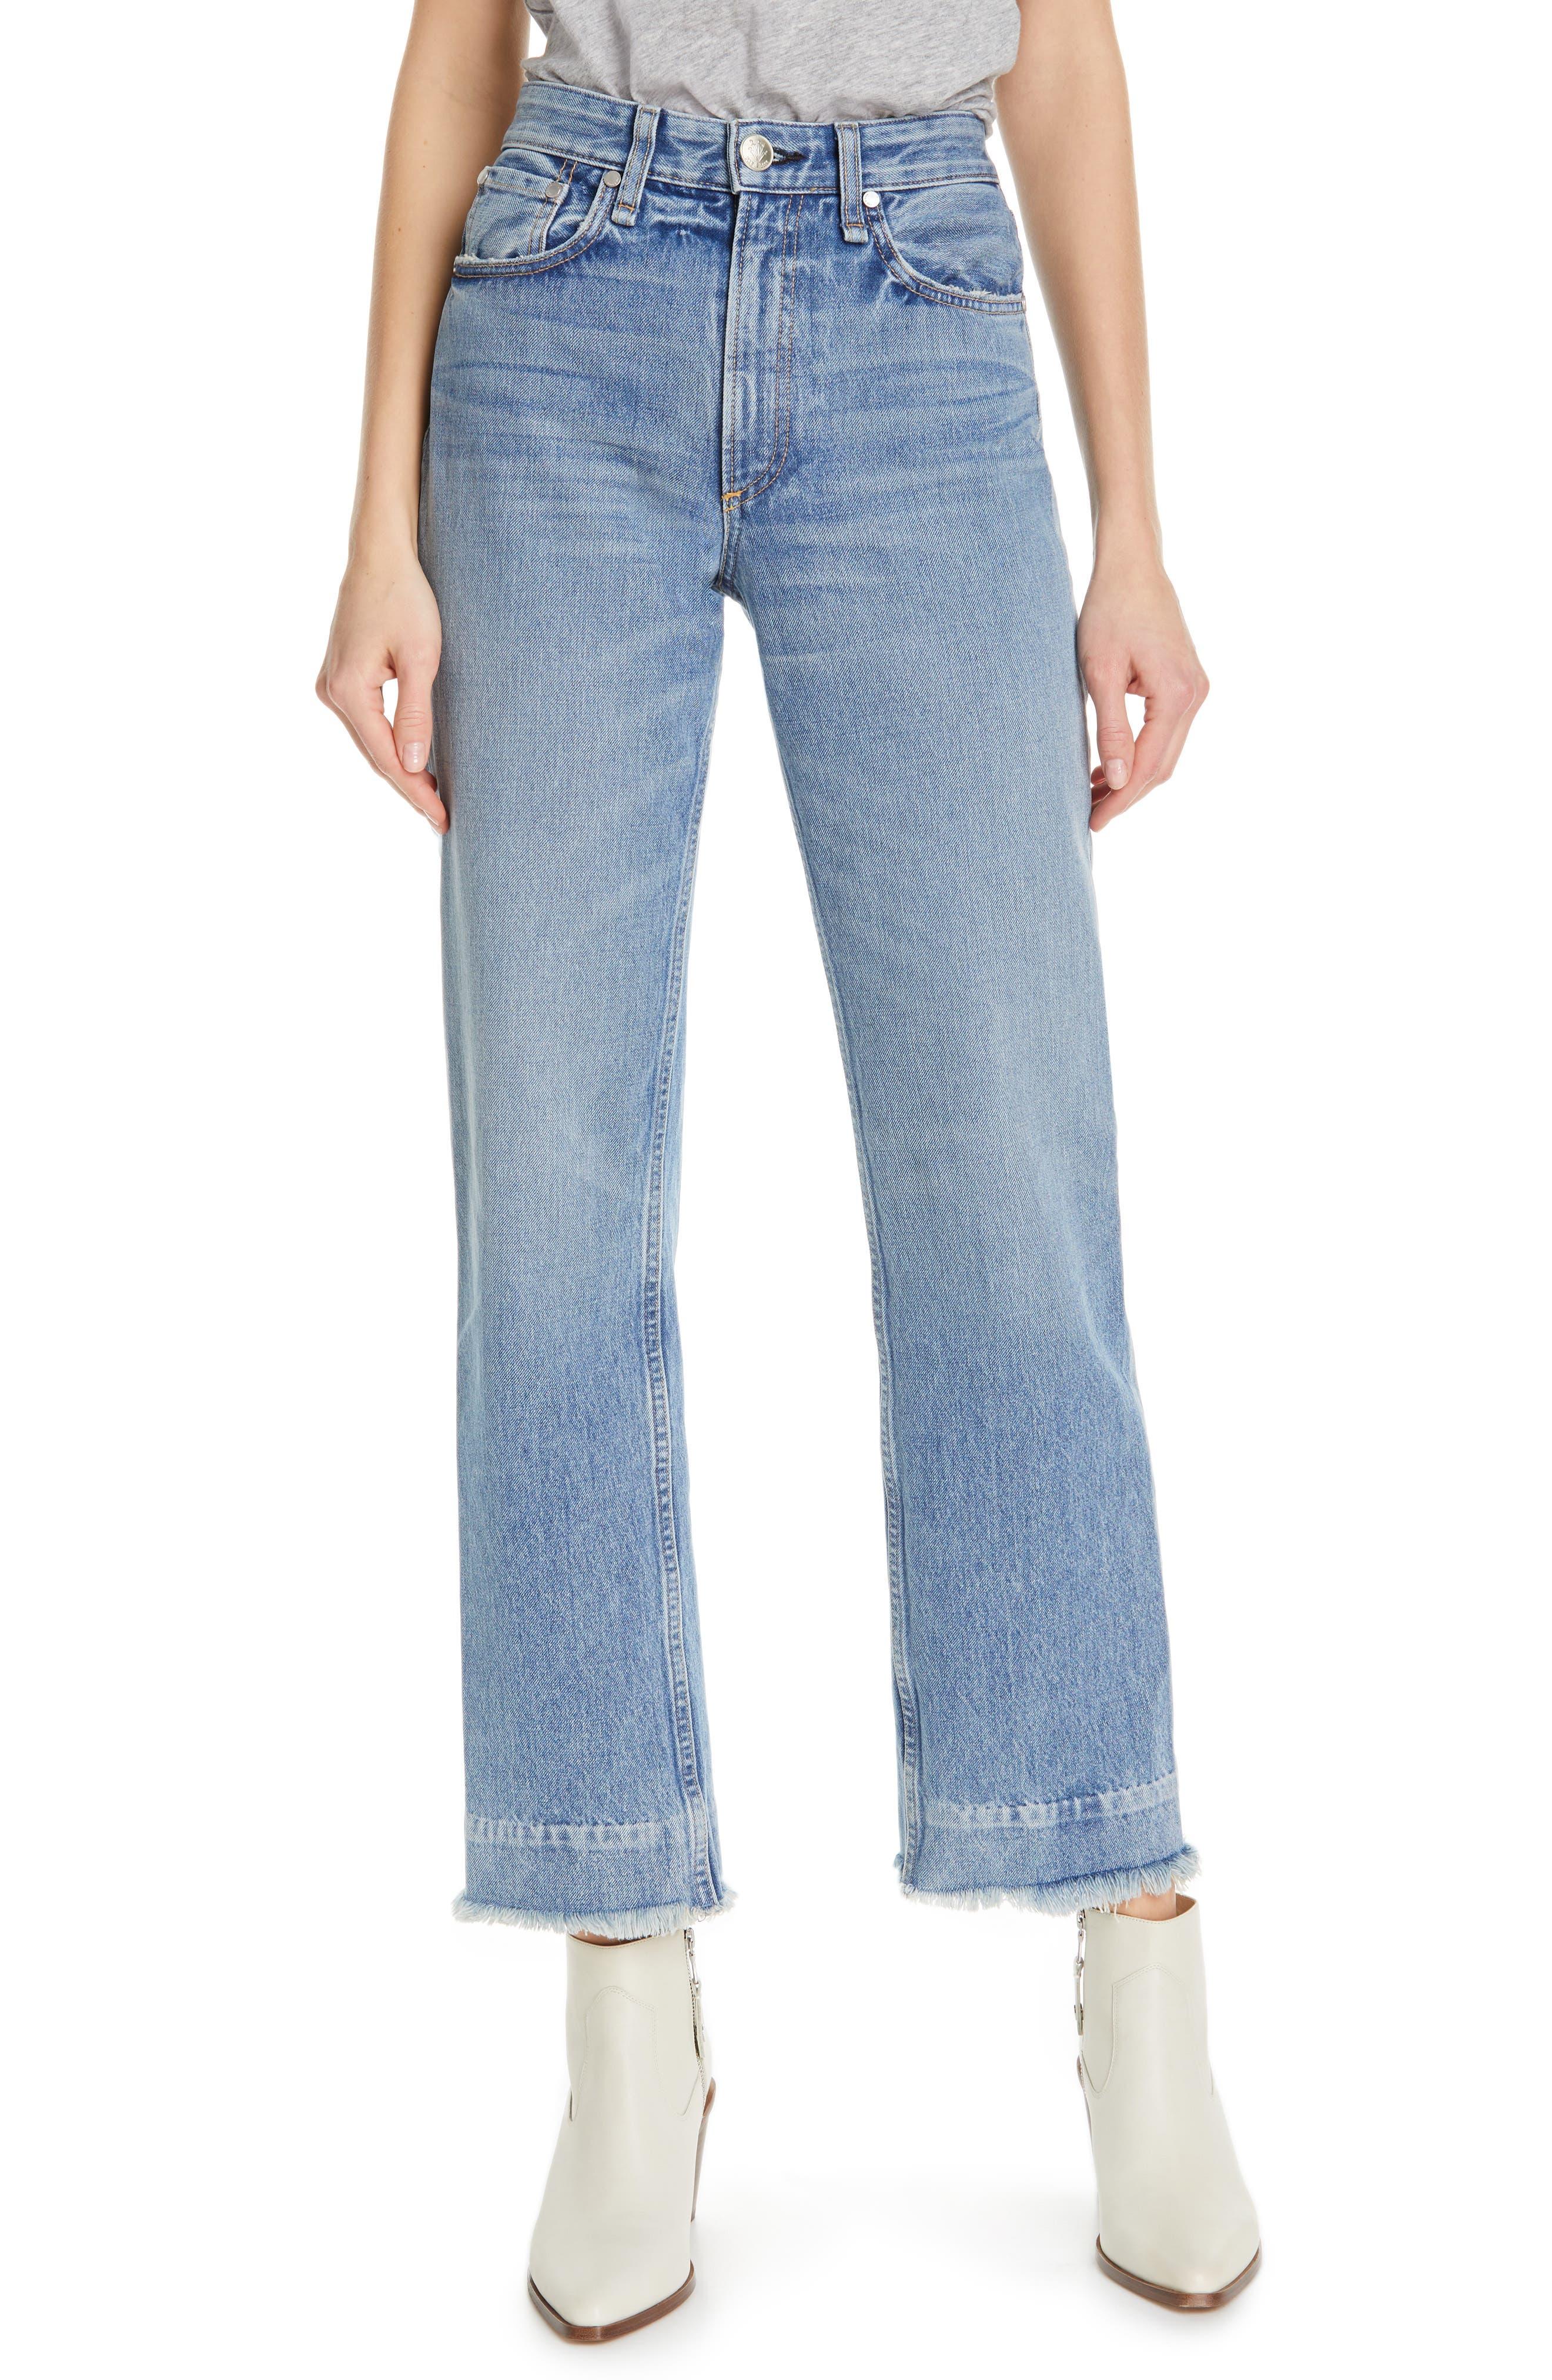 RAG & BONE, Ruth Super High Waist Straight Leg Jeans, Main thumbnail 1, color, BABY